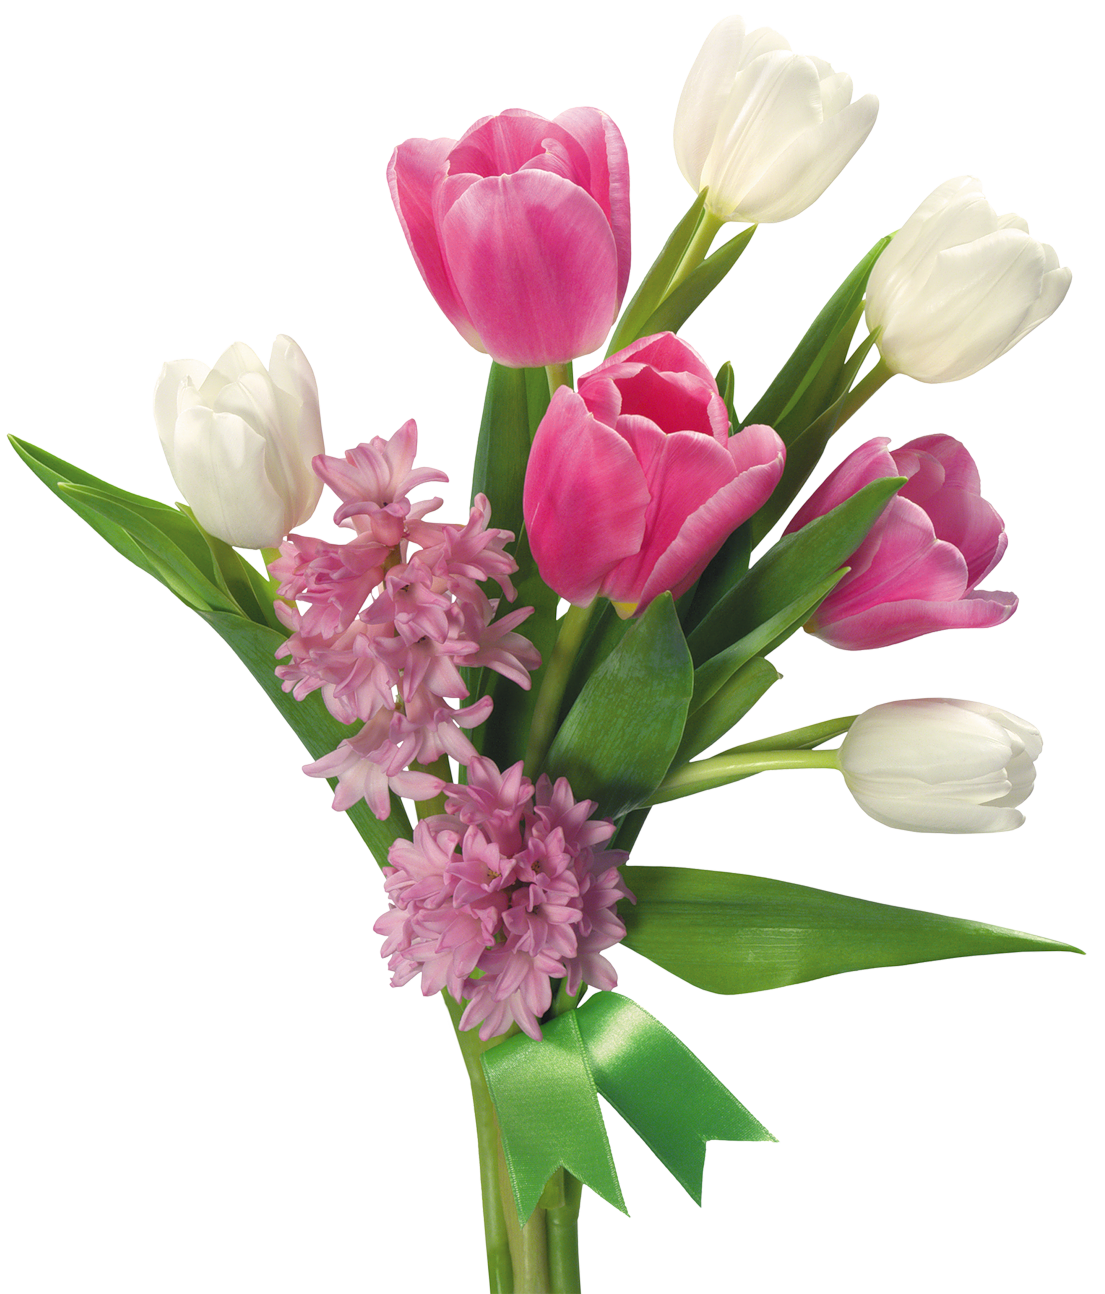 Bouquet of flowers images. Flower arrangement png